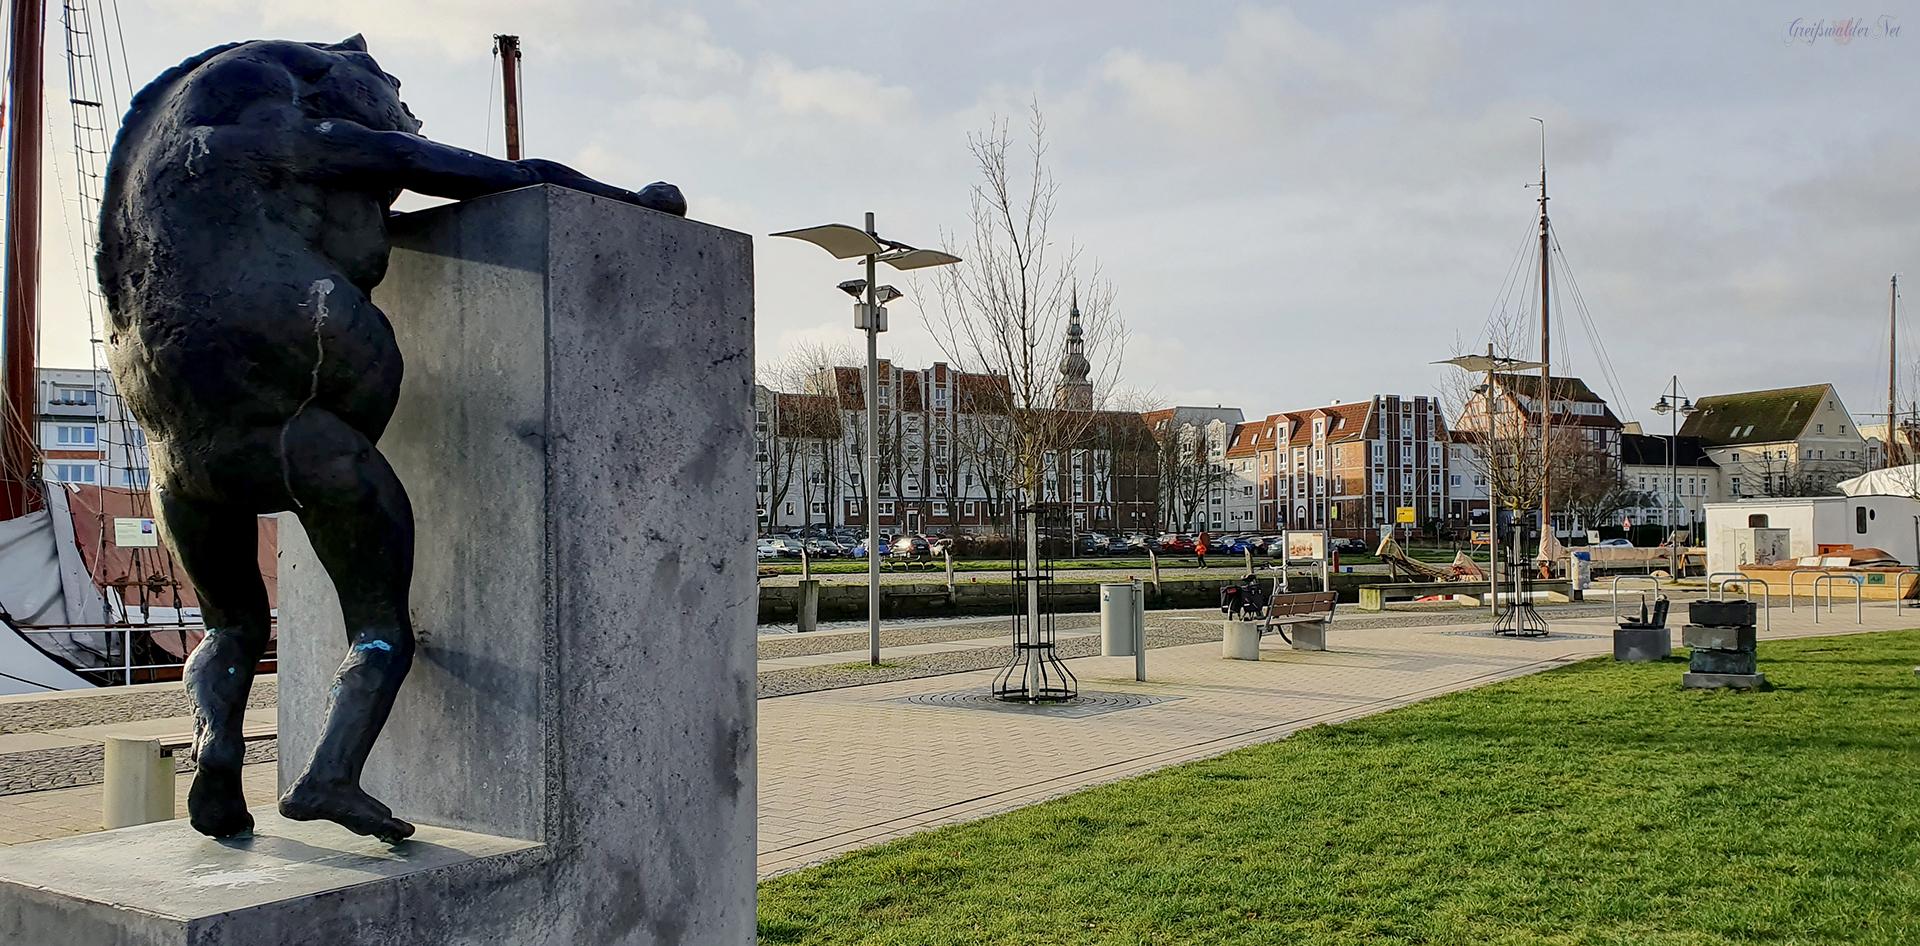 Klabautermann am Museumshafen in Greifswald